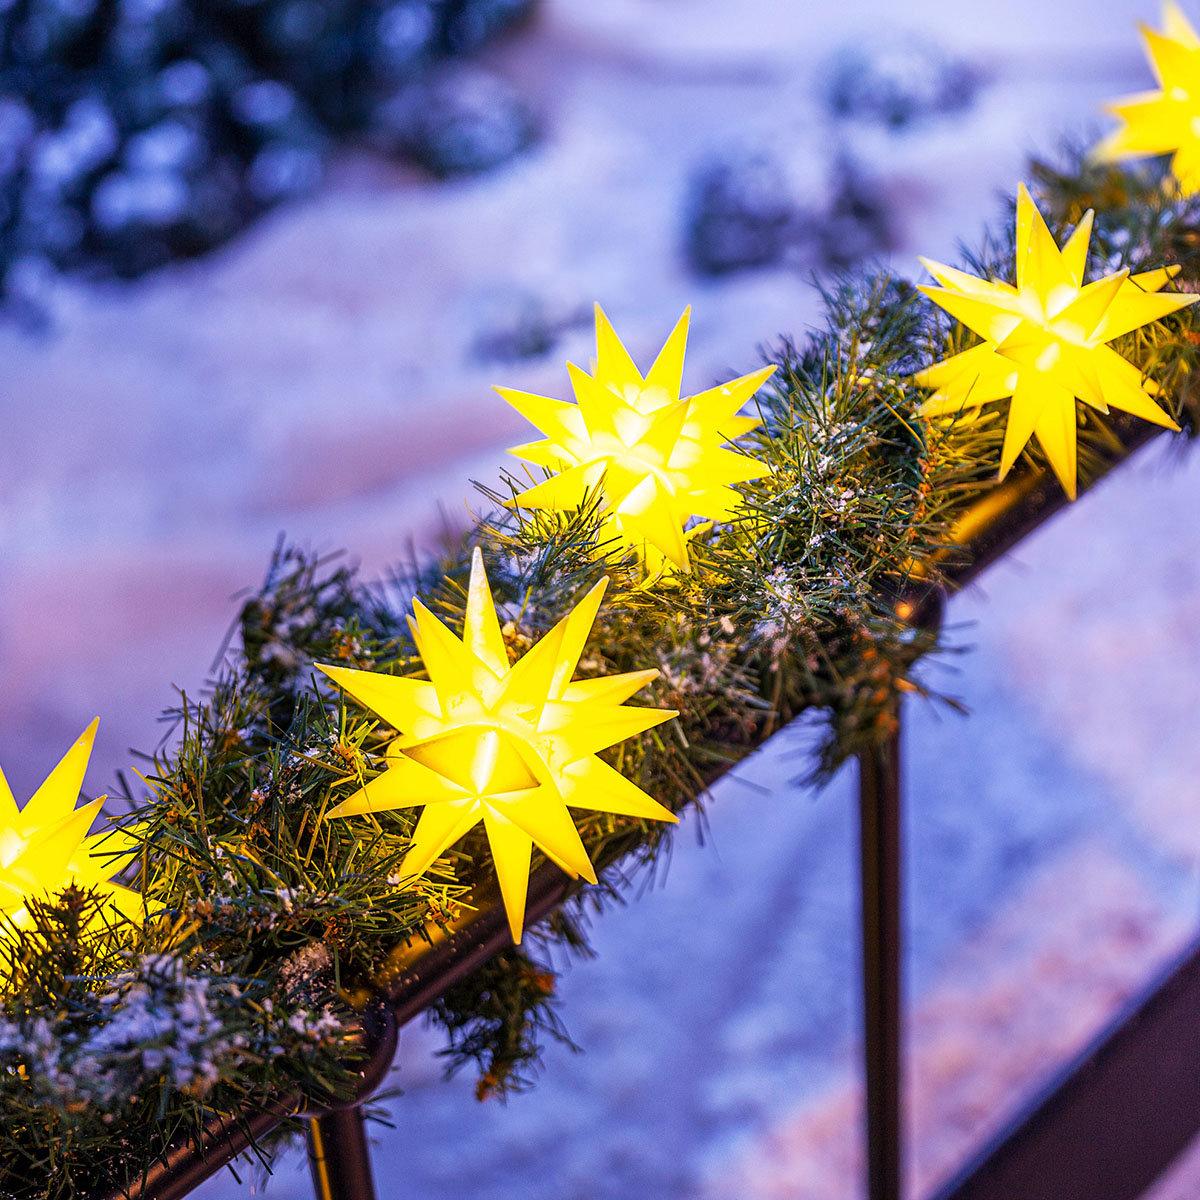 LED-Lichterkette Weihnachtstern, gelb